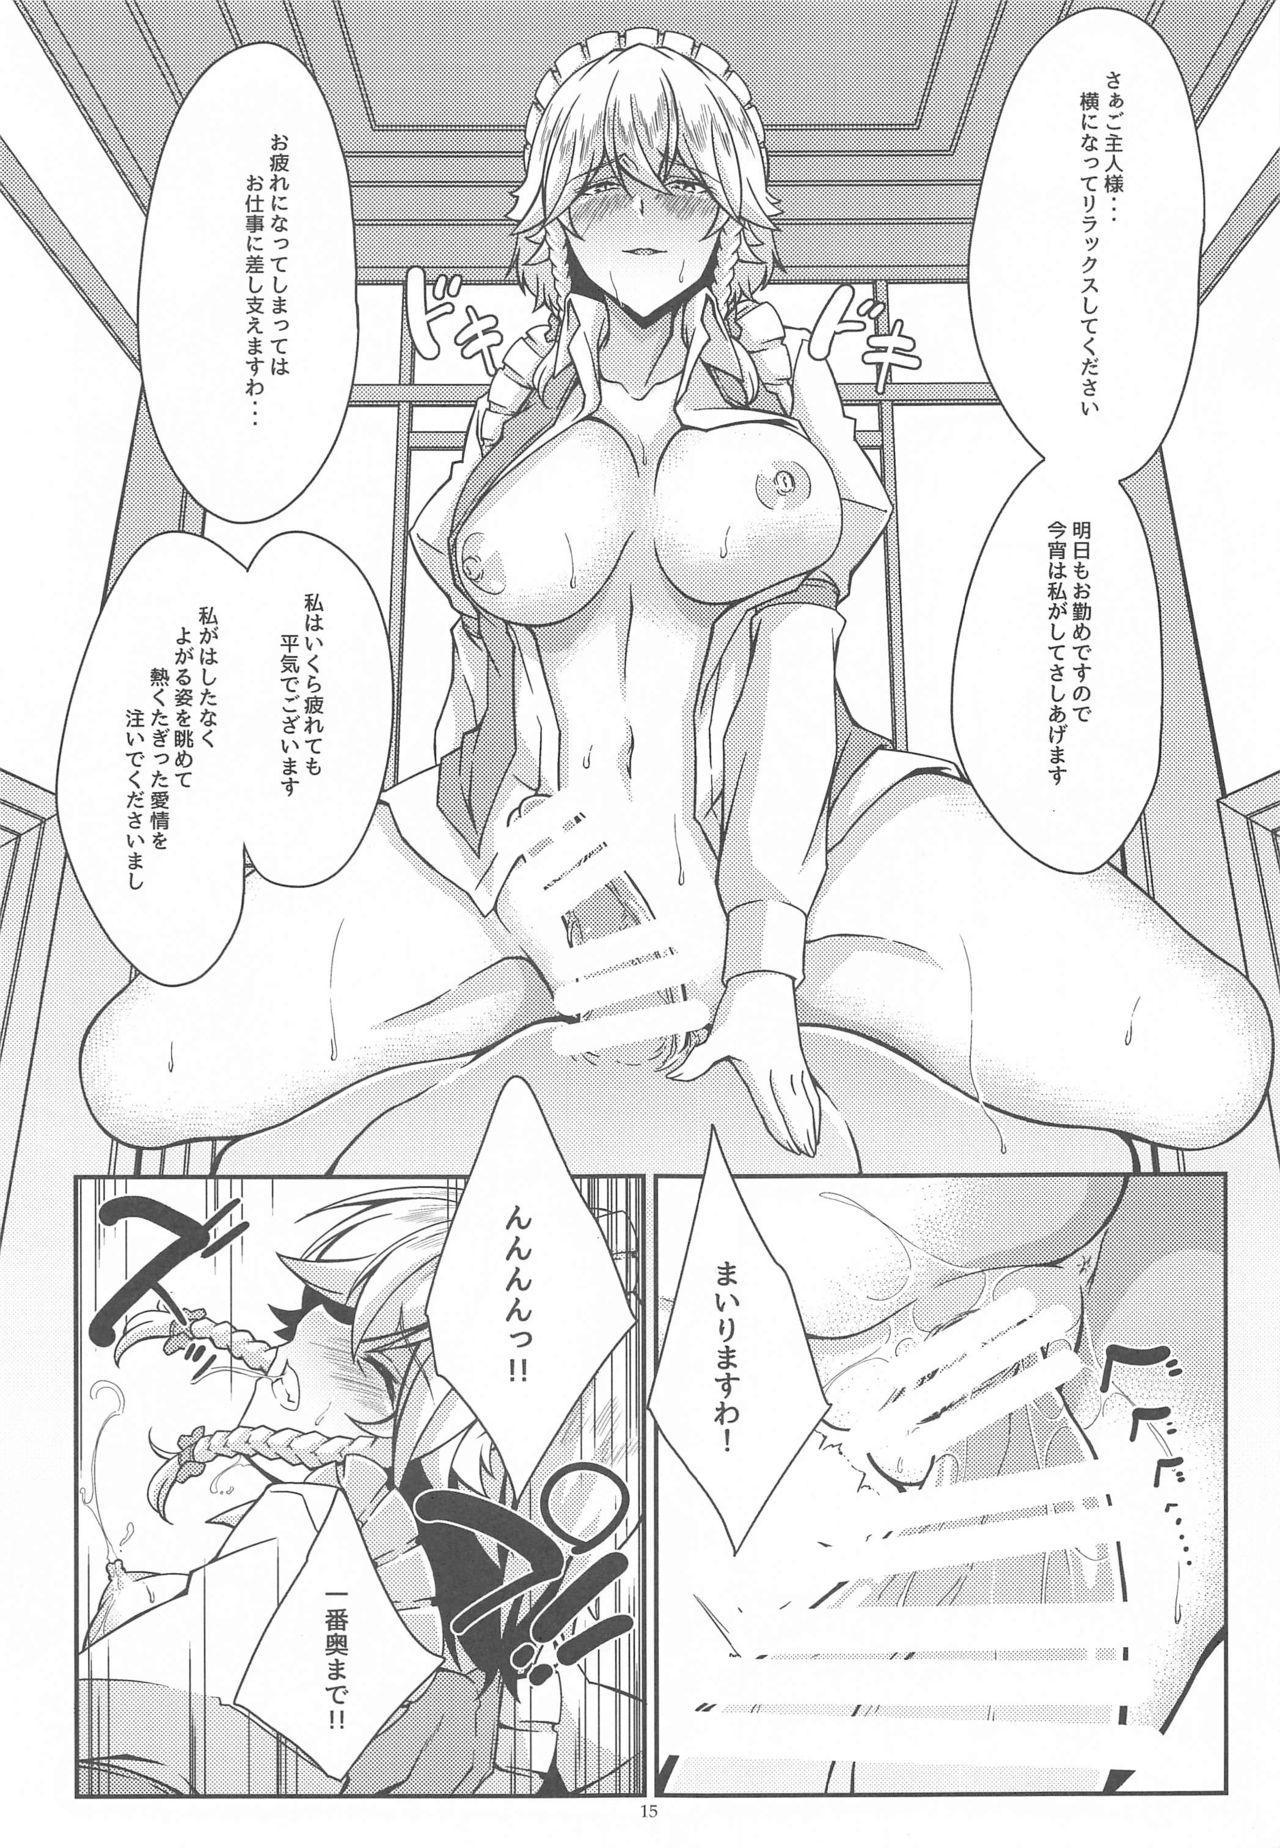 Sakuya to Iu Na no Maid-san 13